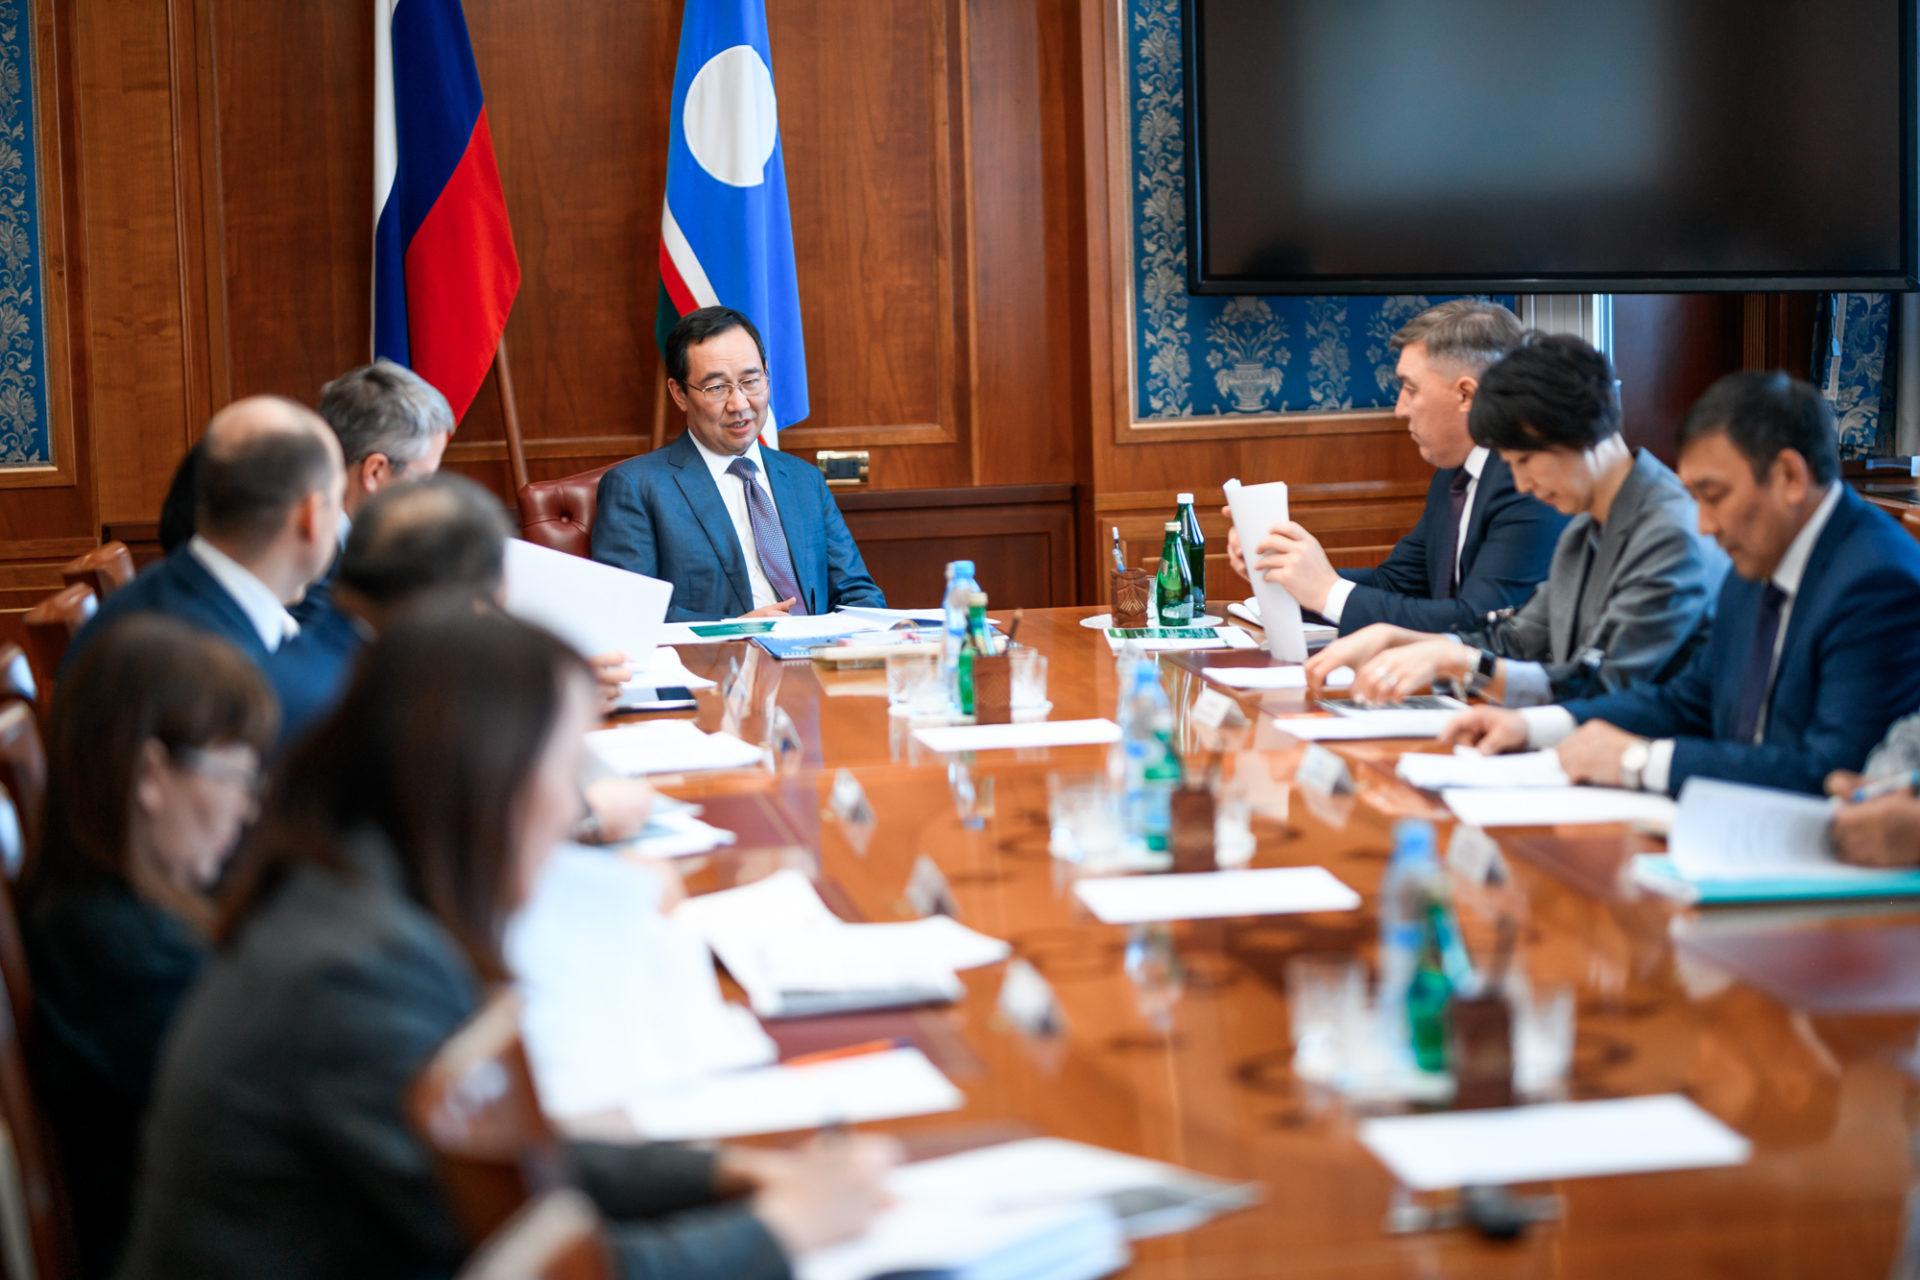 Айсен Николаев провел совещание по вопросам развития сельского хозяйства